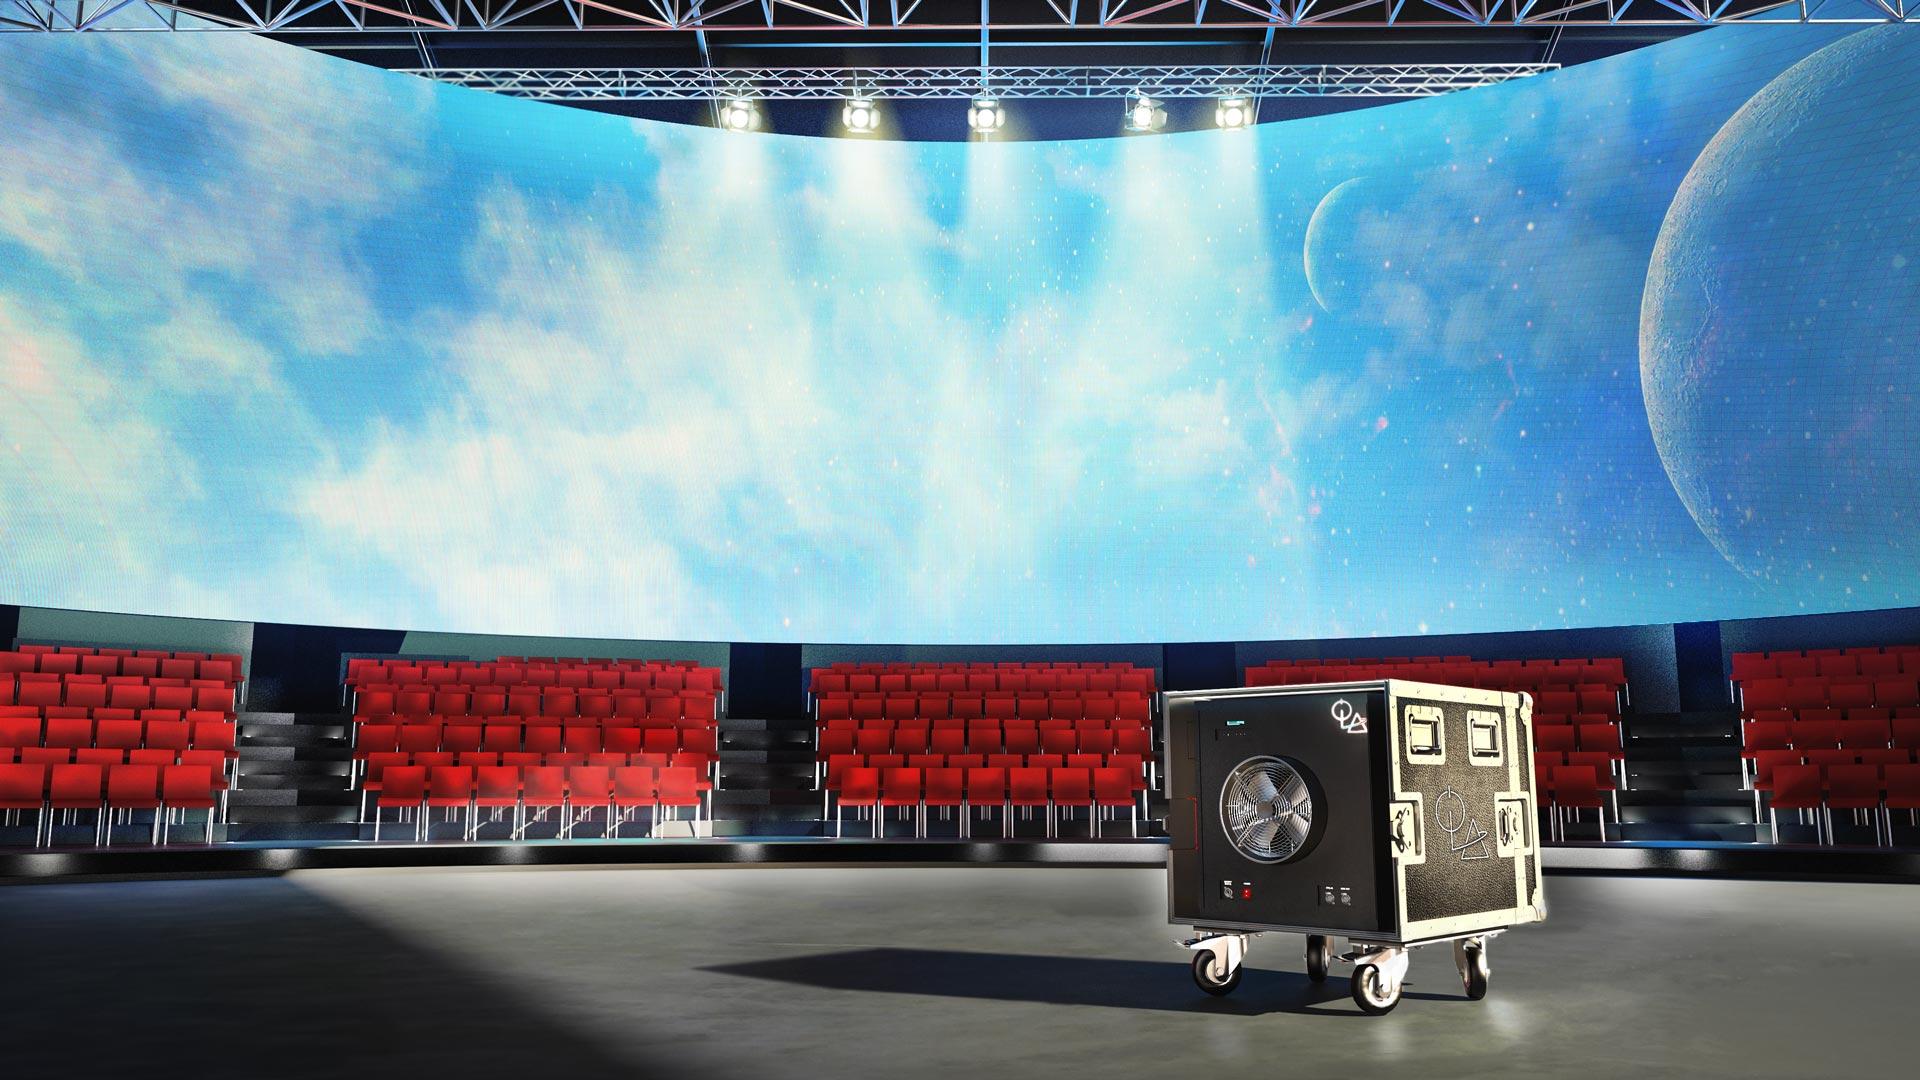 Immagine di un teatro o studio televisivo con al centro un box portatile della linea ROLL